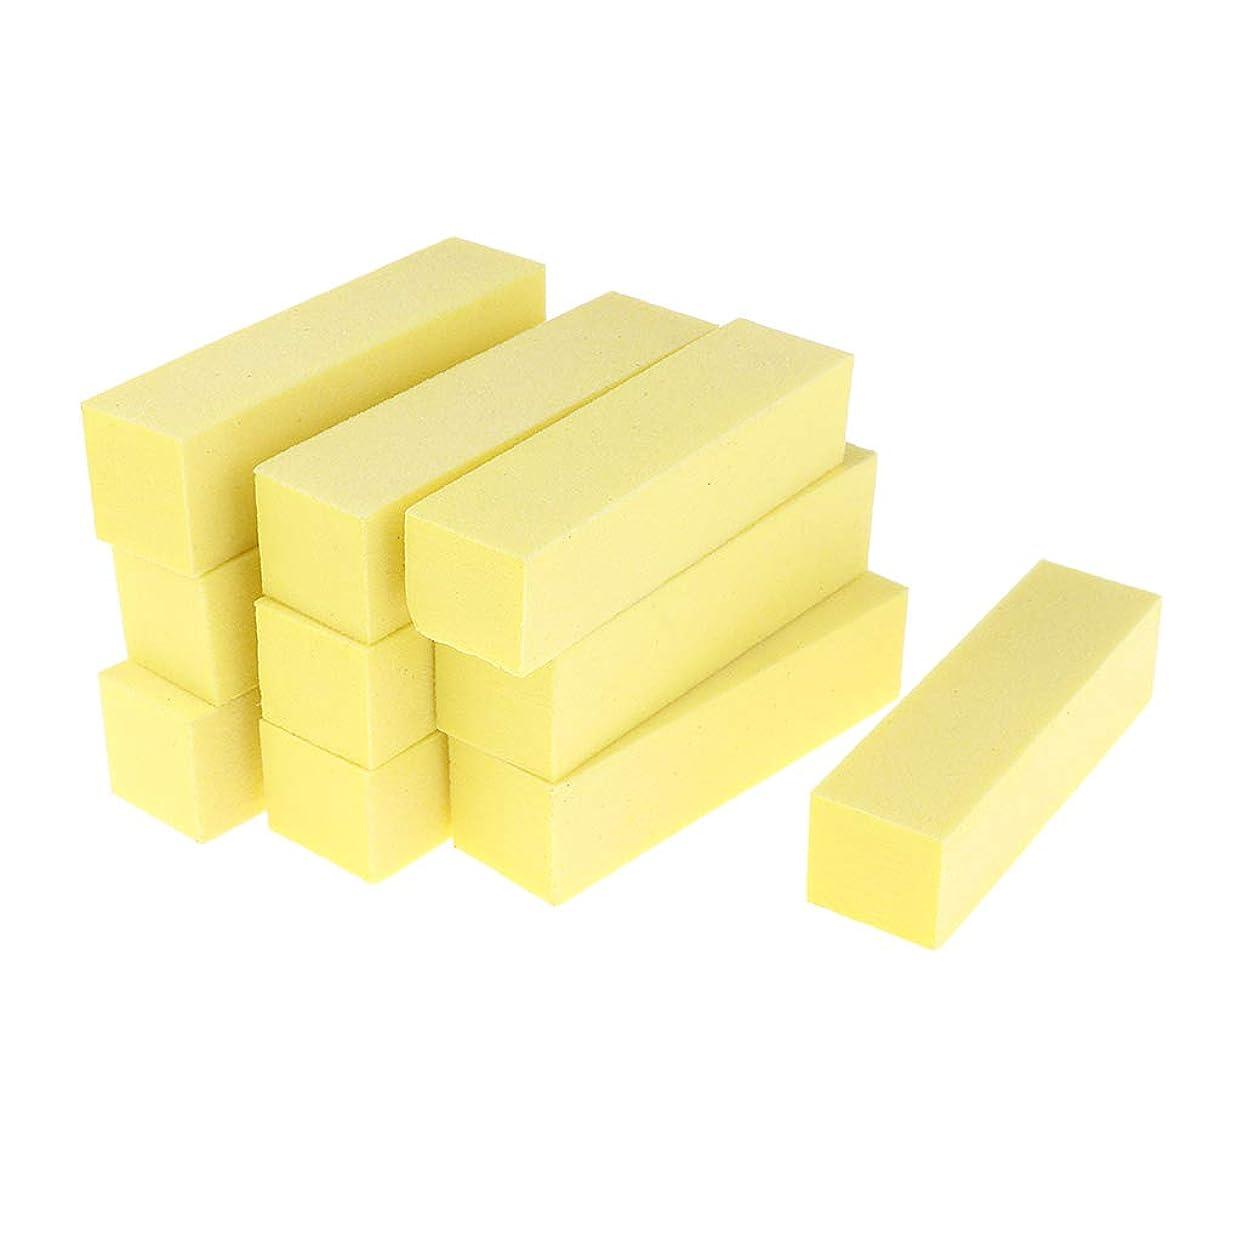 むしゃむしゃ爵グッゲンハイム美術館ネイルアート マニキュア ネイルファイル バッファファイルブロック ネイル道具 全5色 - 黄